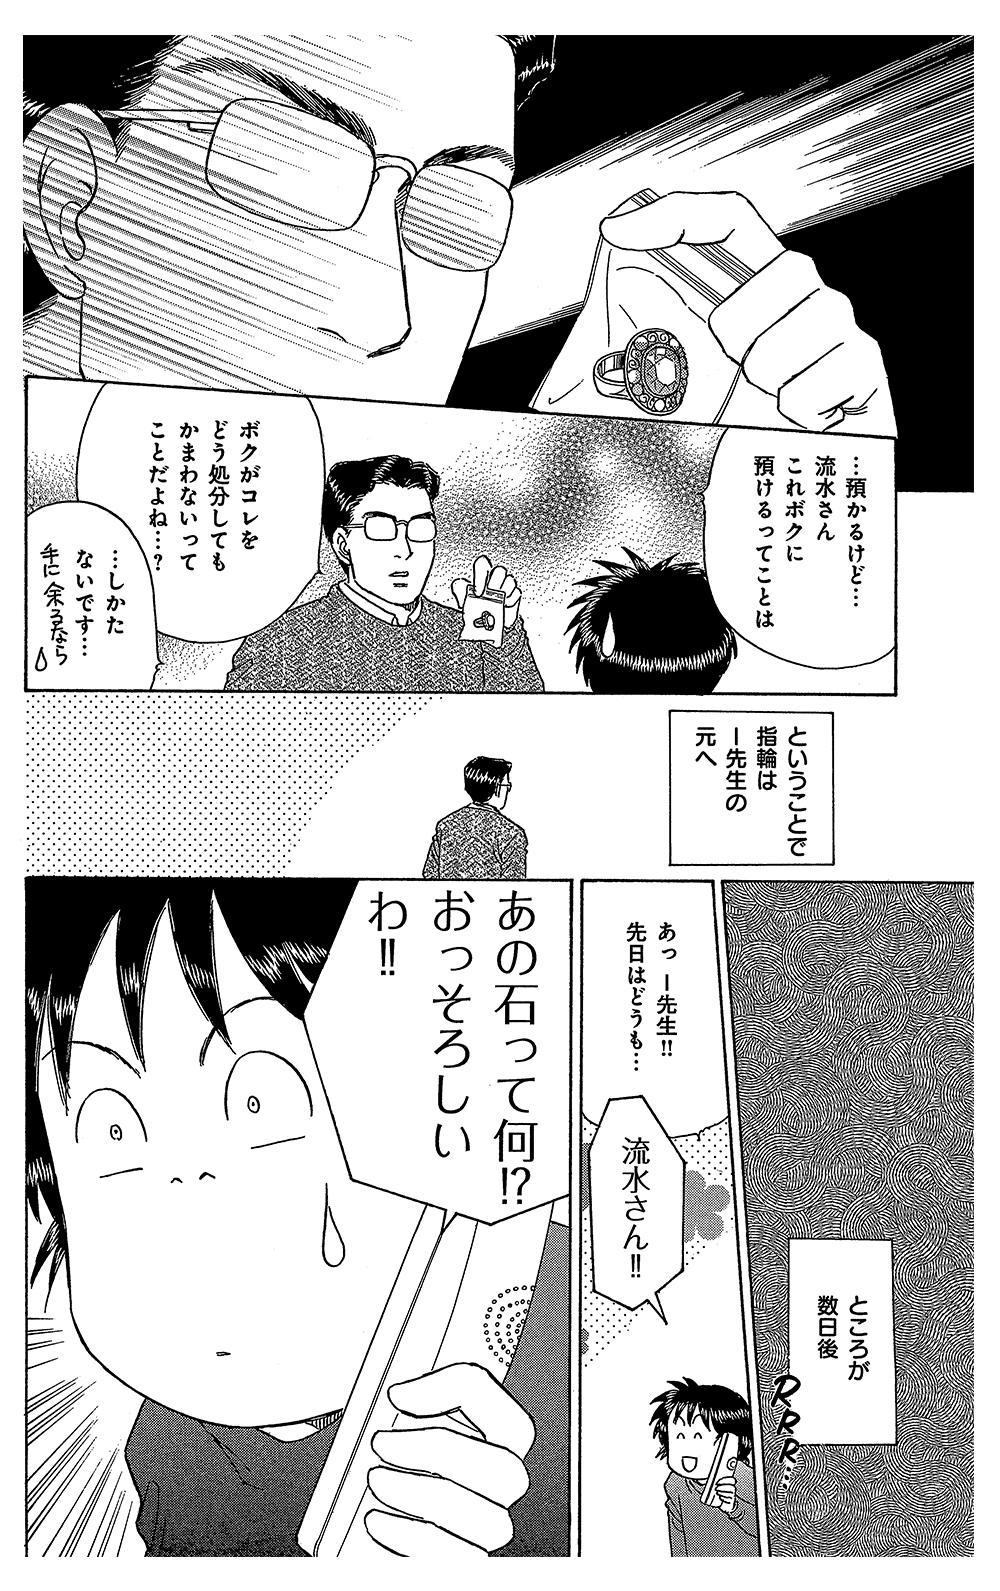 オカルト万華鏡 第1話 ①oka10.jpg